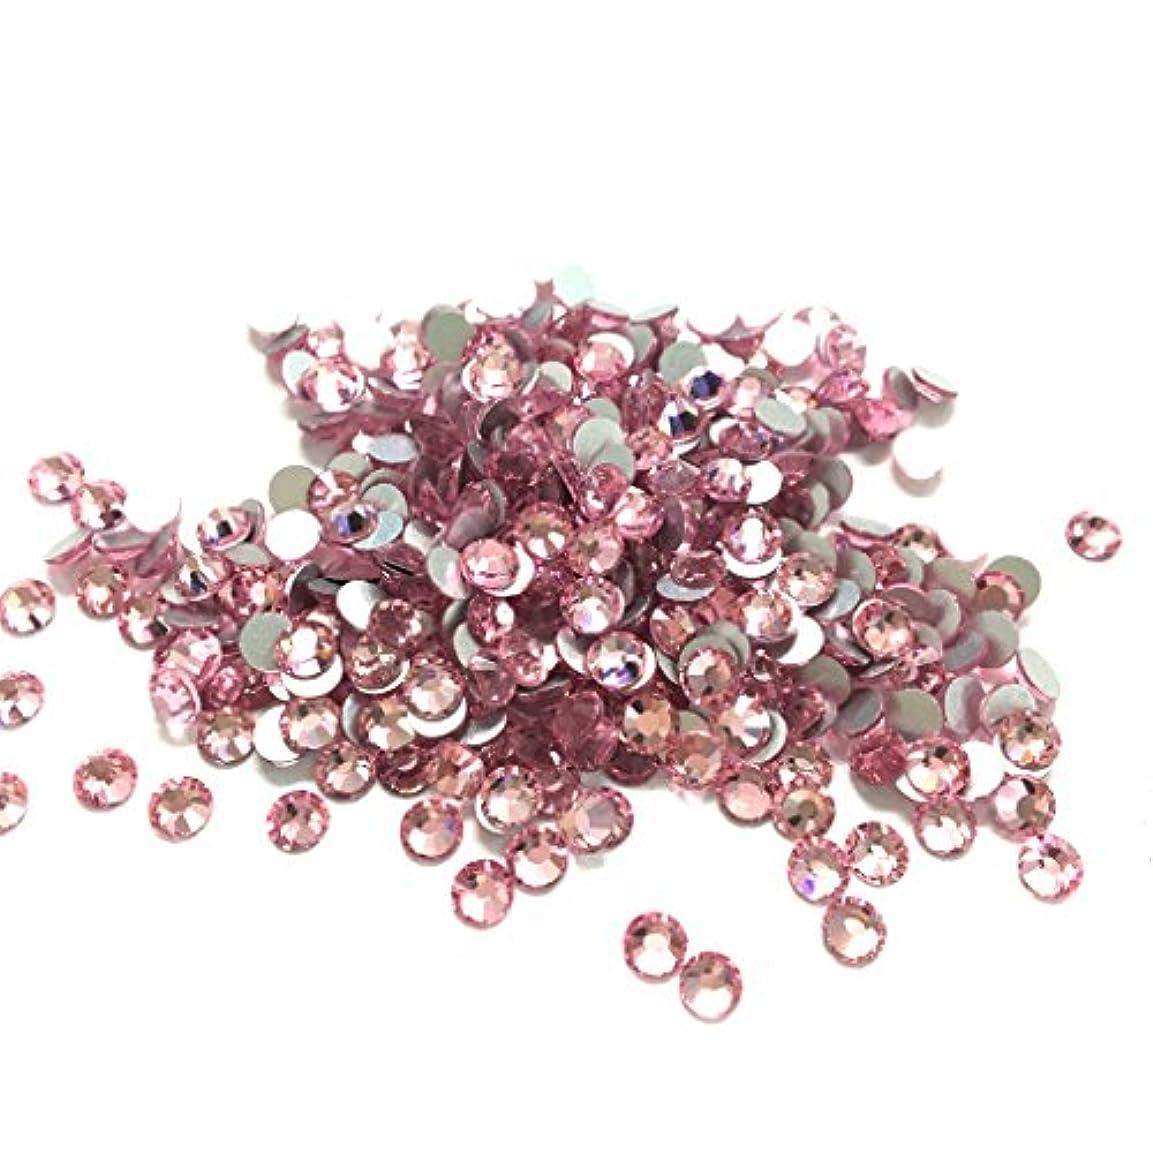 【ネイルウーマン】スワロ同等の輝き!最高品質ガラスストーン 薄ピンク ライトローズ ラインストーン 1440粒入り 10グロス 卸売 (SS16, ライトローズ(薄ピンク))